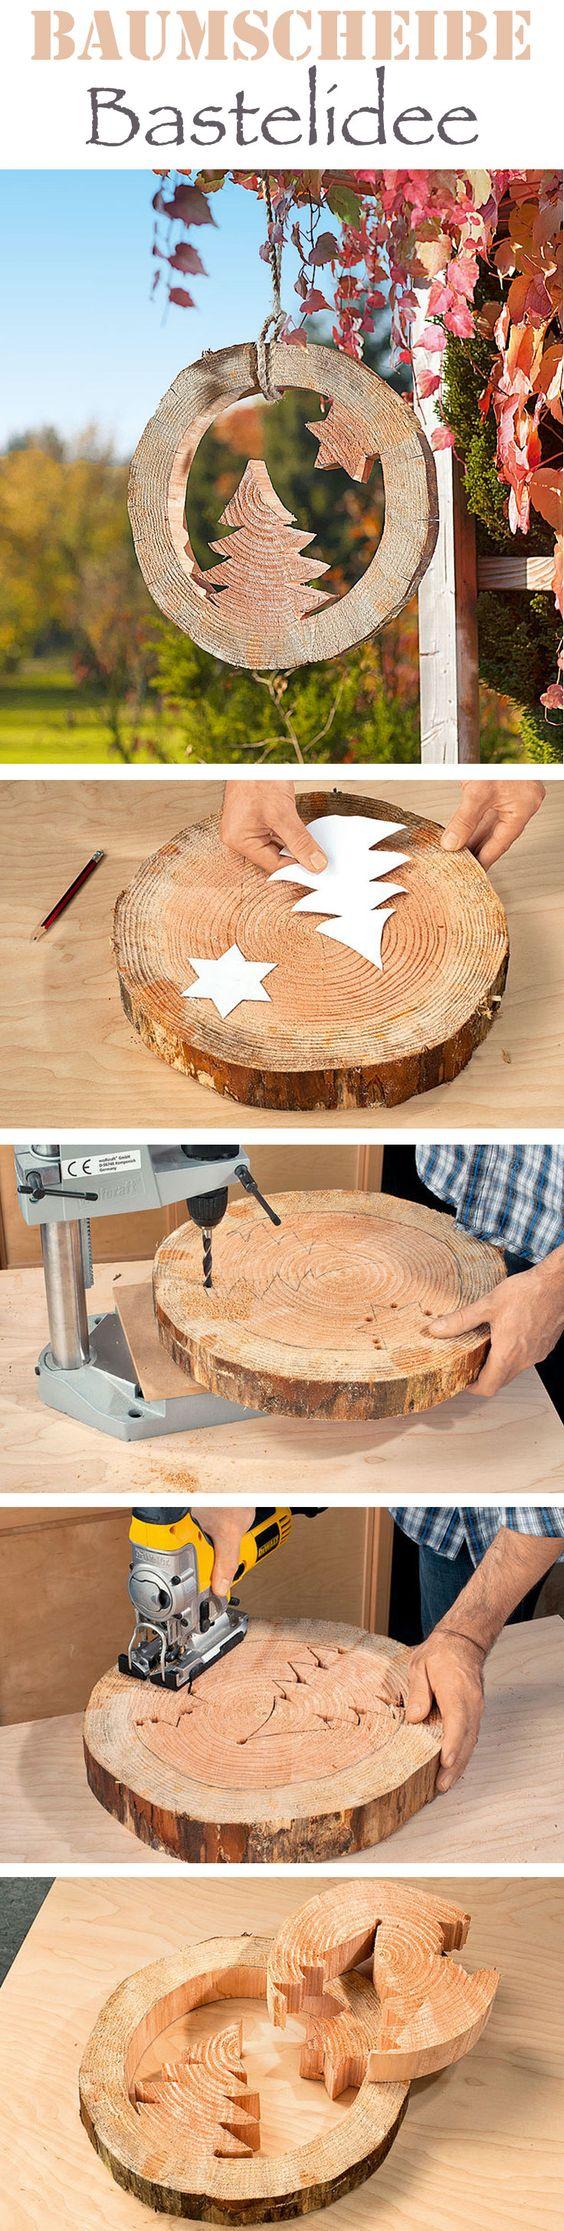 Was Kann Man Basteln Mit Holz ~ Deko mit Holz ist voll im Trend Aus Baumscheiben kann man schicke